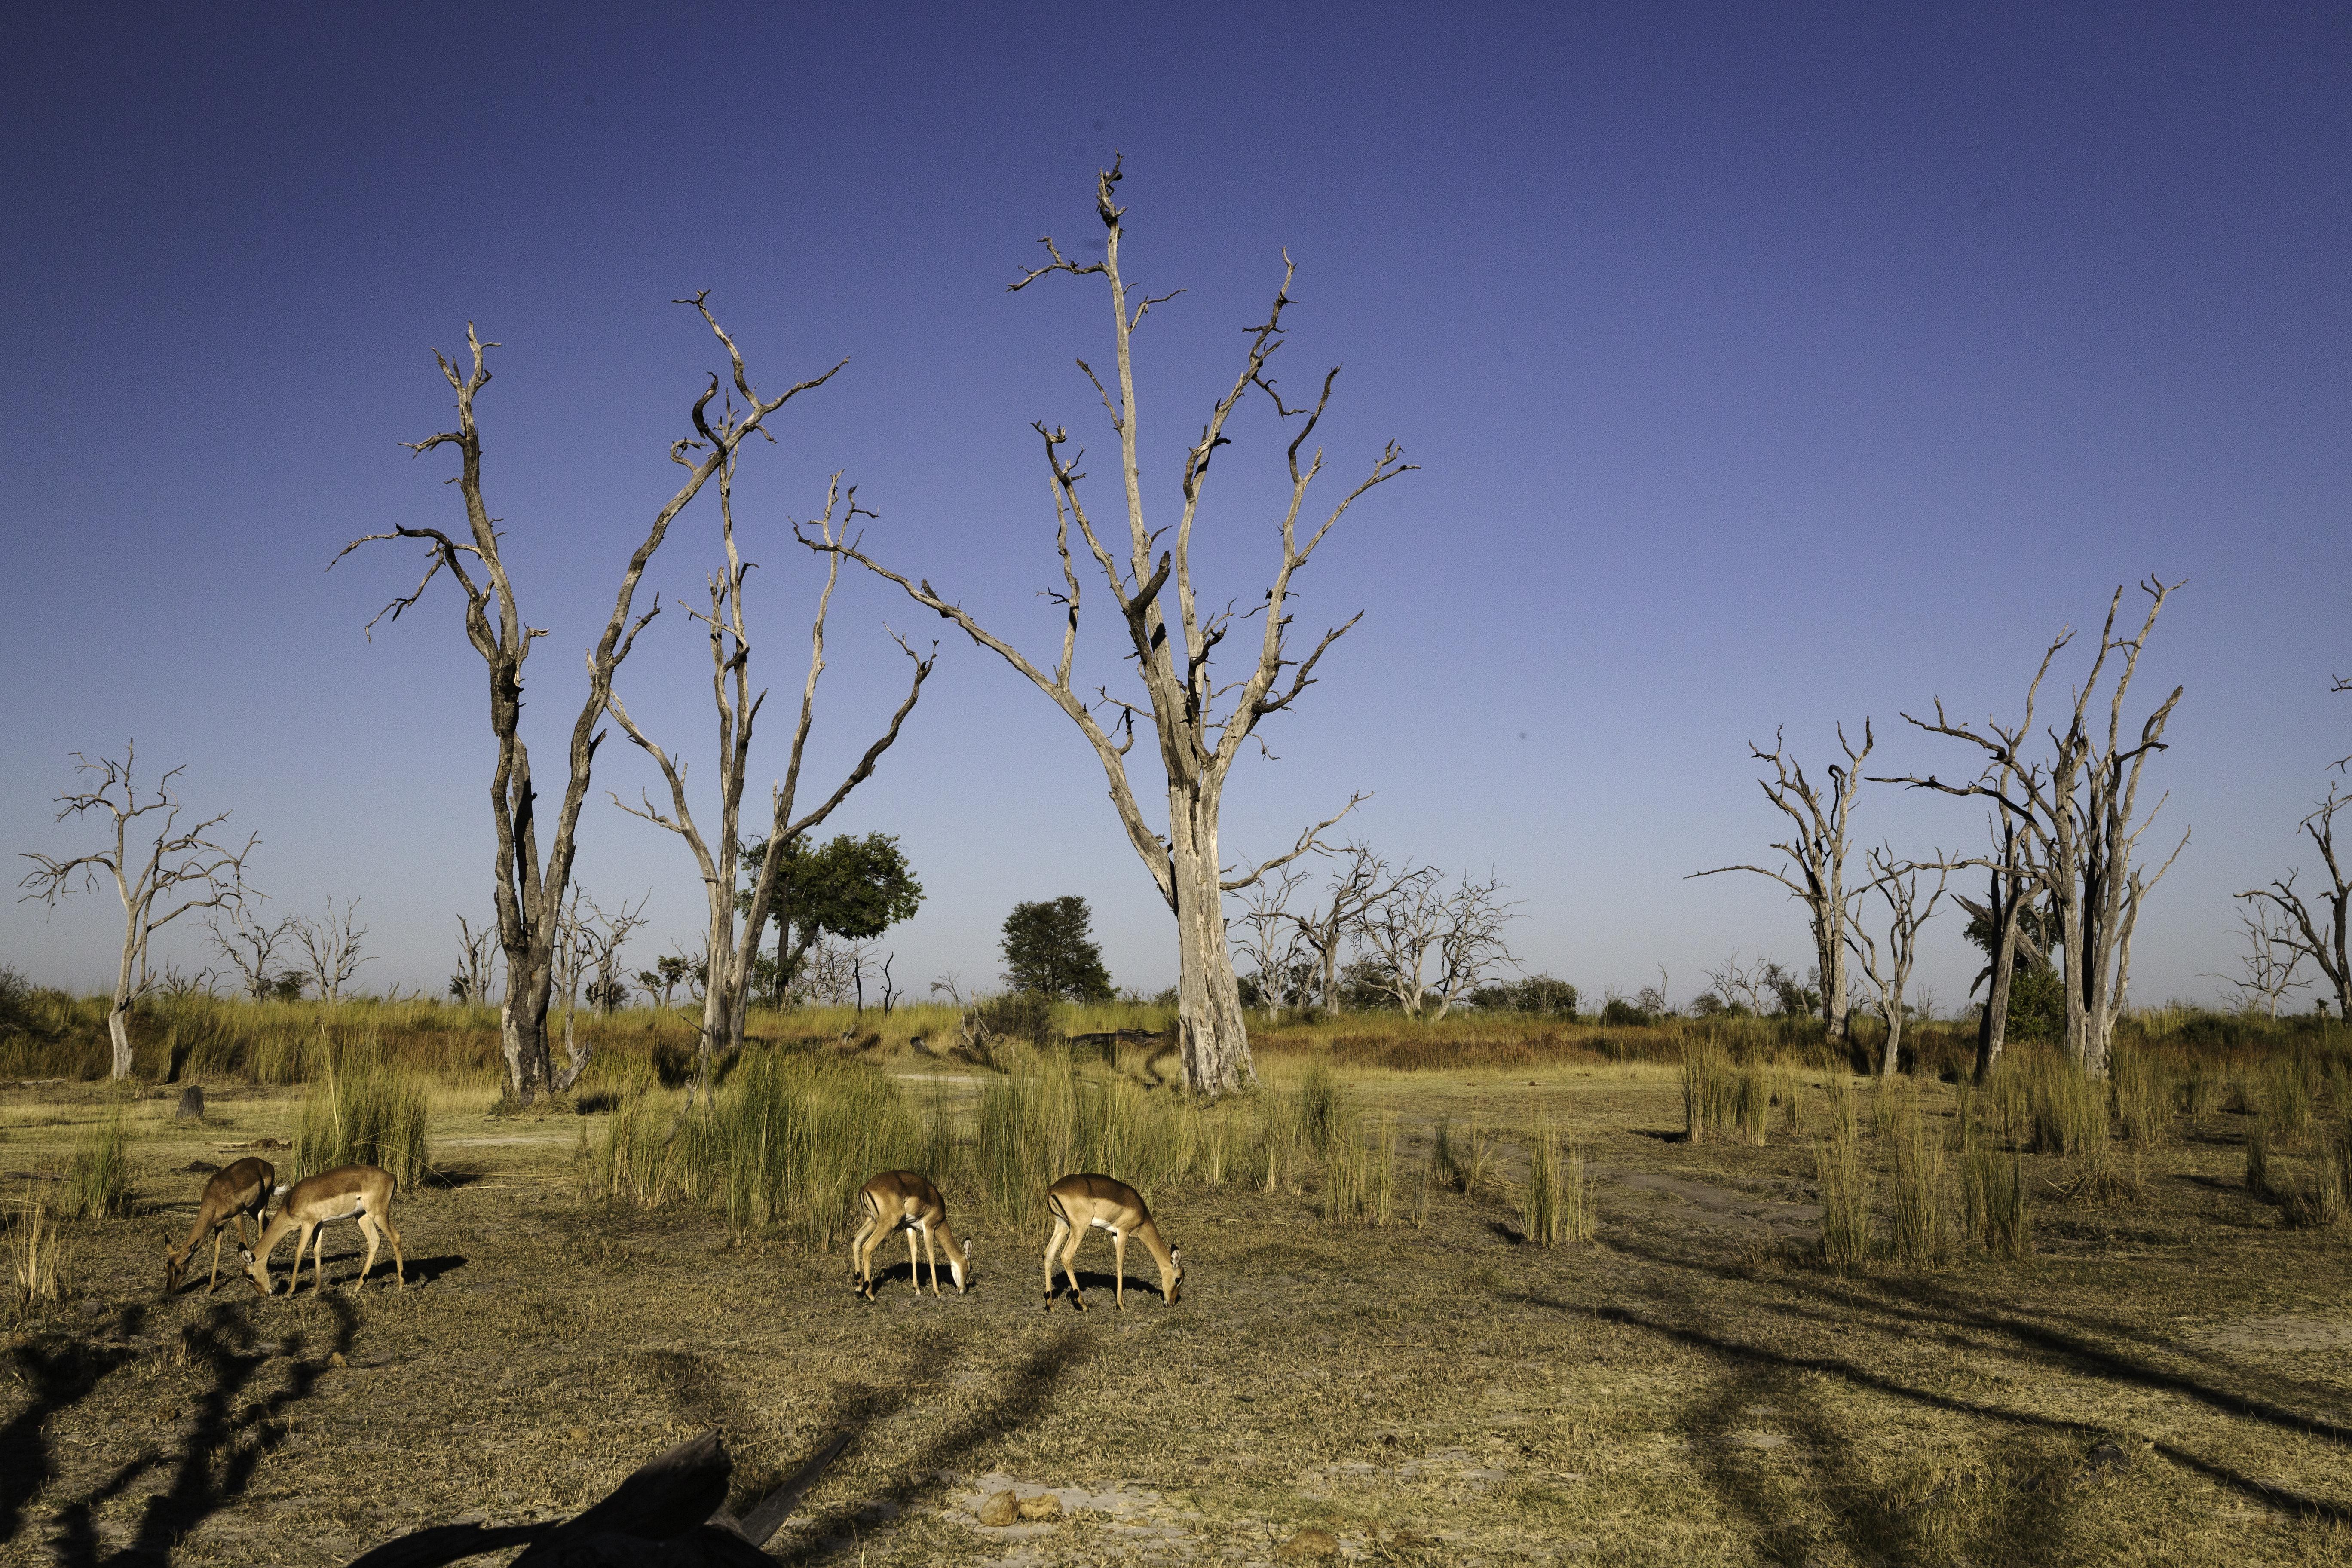 Lebala Impala